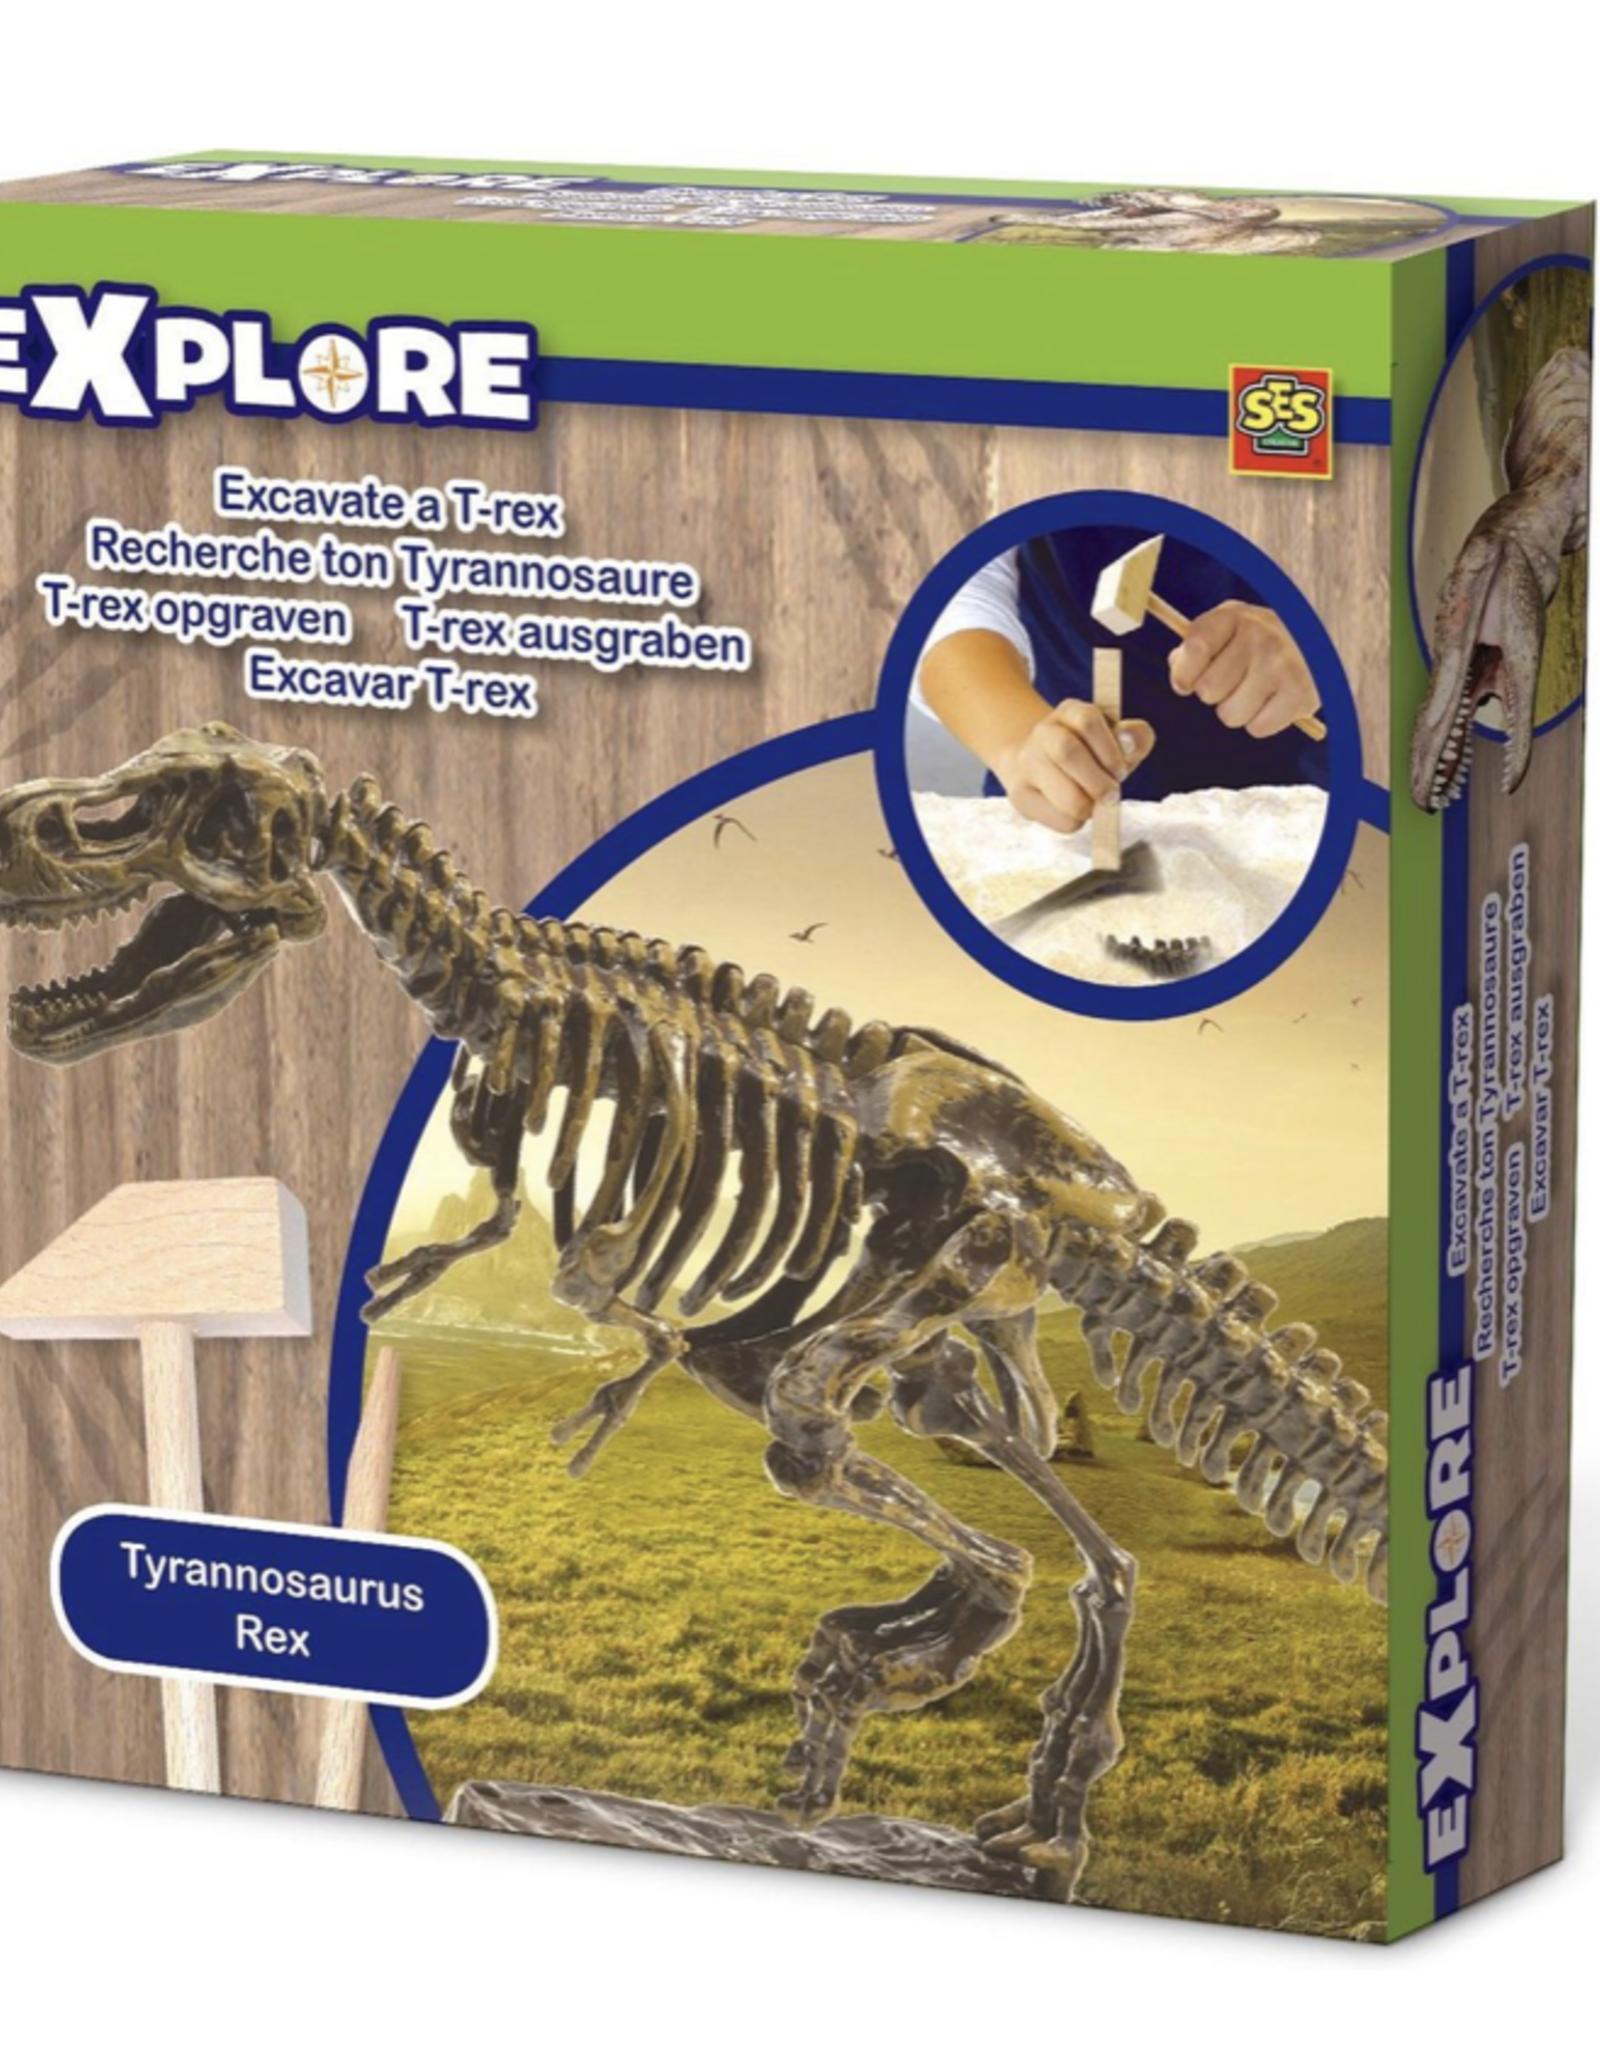 Explore Excavate a T Rex